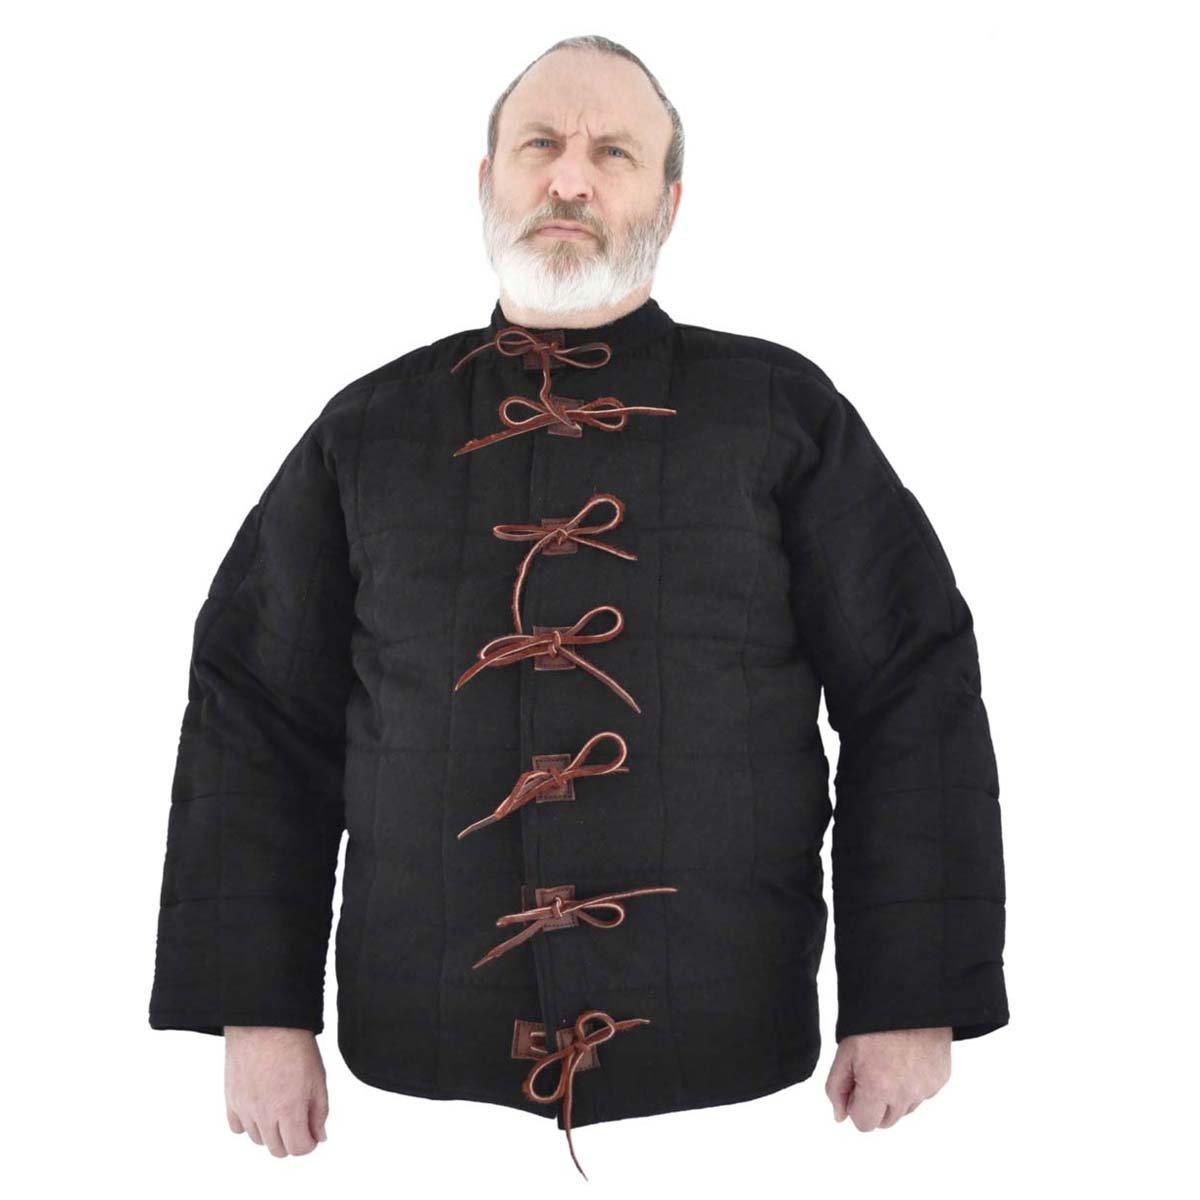 GDFB Mittelalter Rüstwams/Farbe: schwarz/Mittelalter Rüstung/Get Dressed for Battle